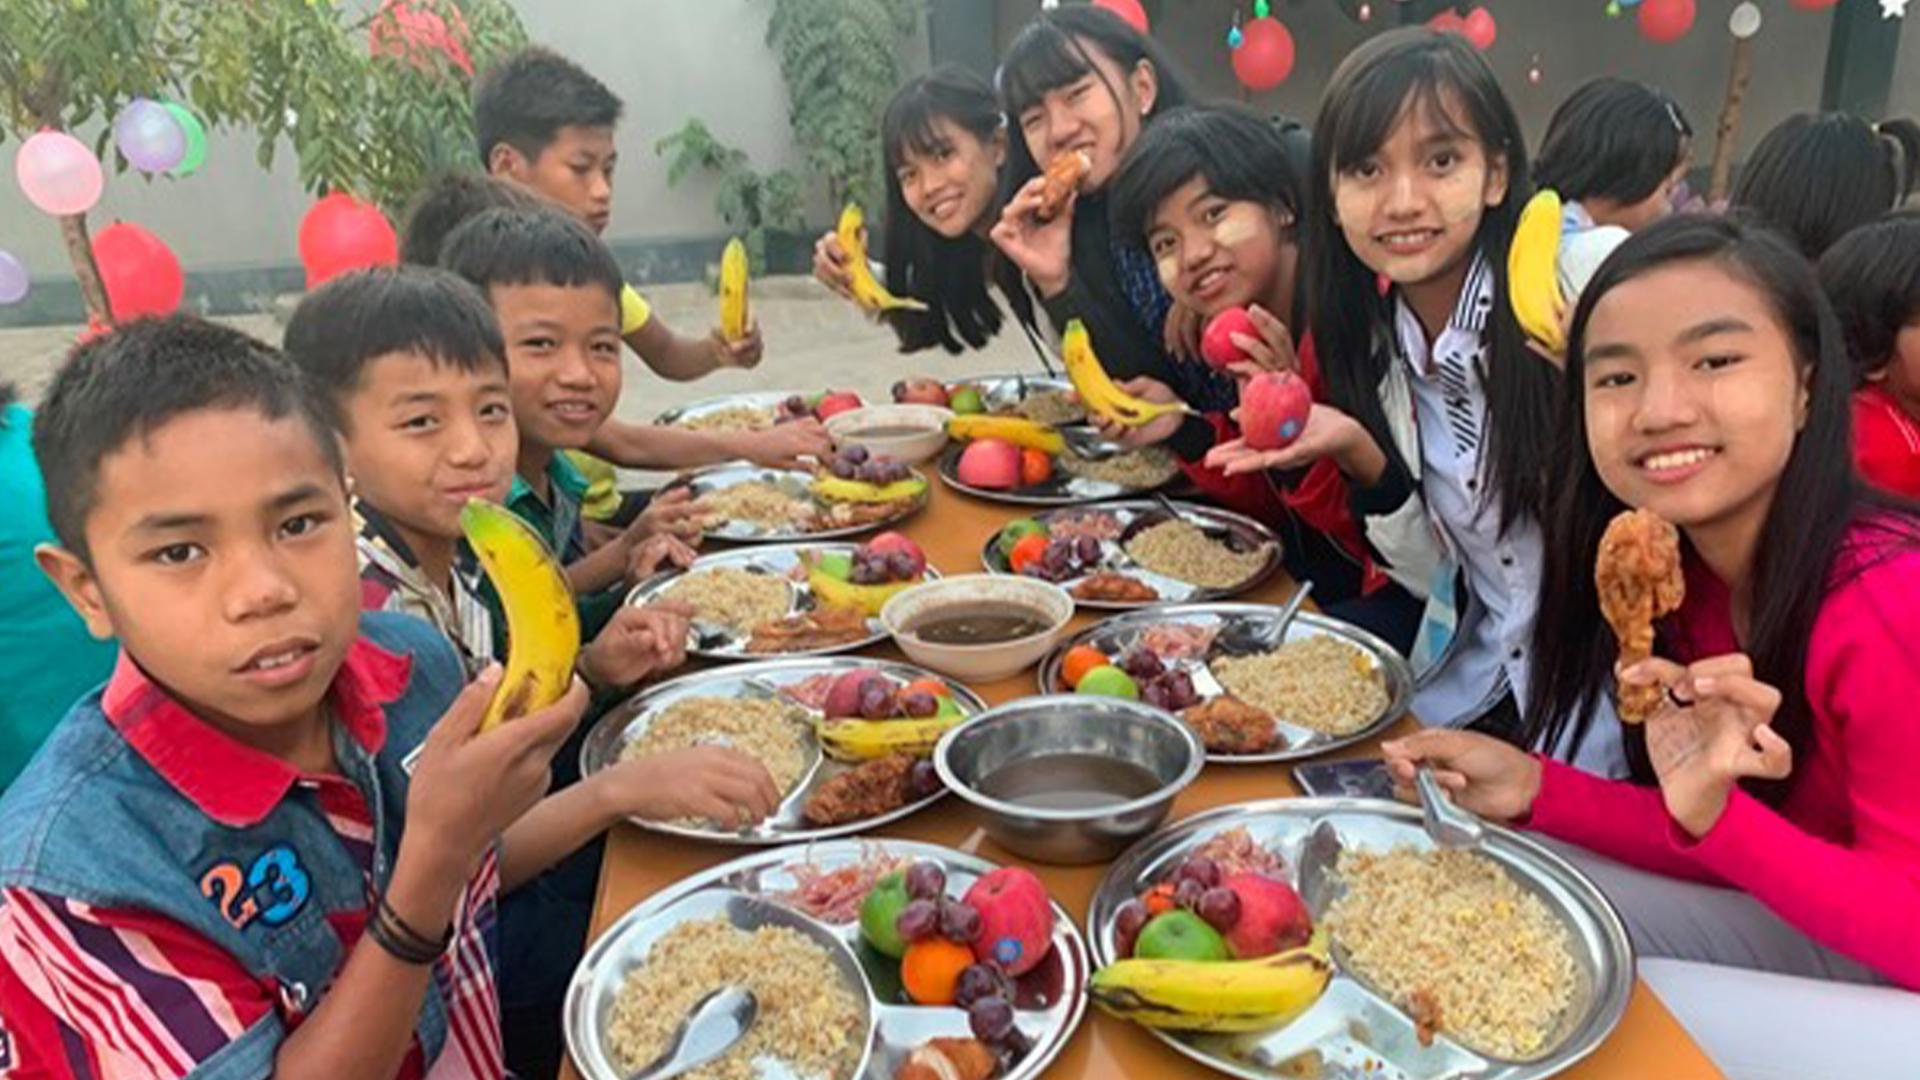 Orphan Relief Effort